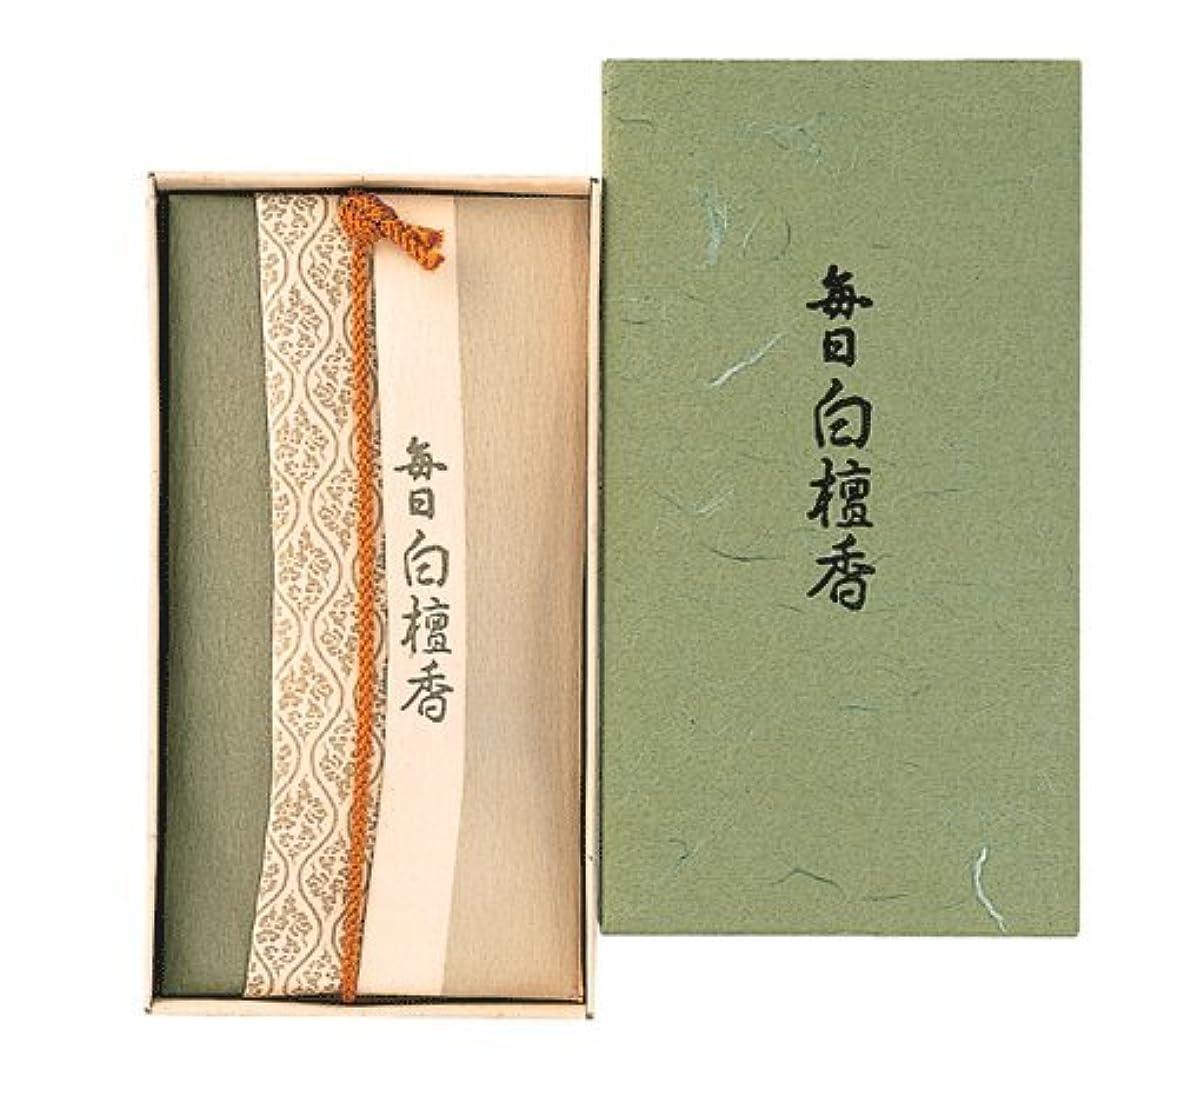 しなやか市区町村所属香木の香りのお香 毎日白檀香 コーン24個入【お香】